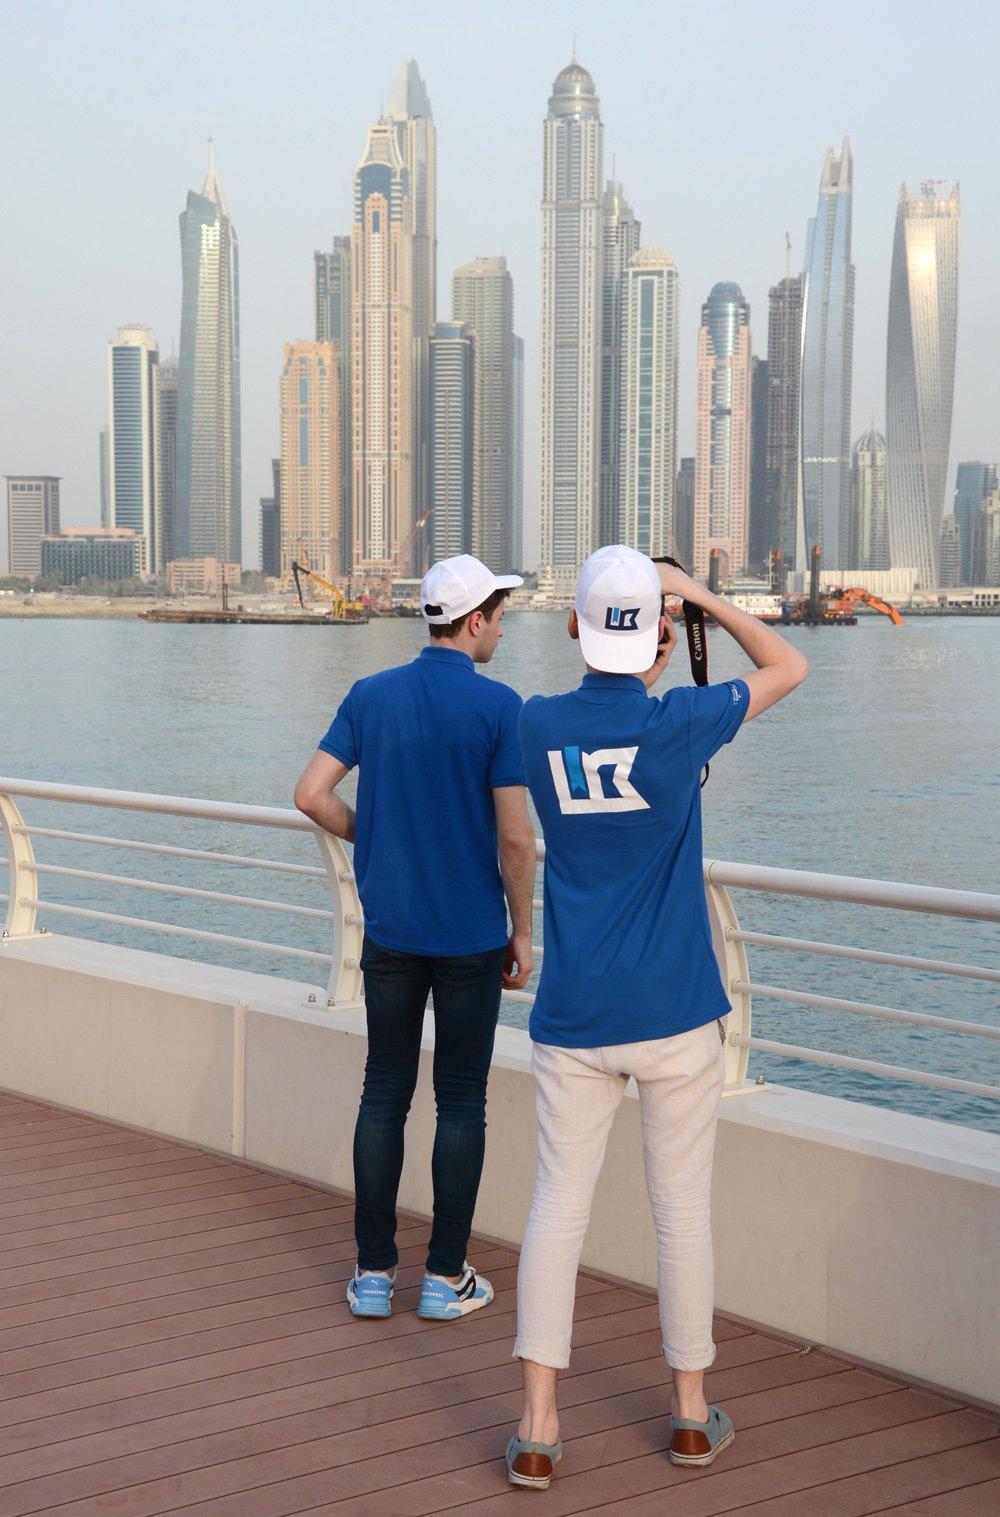 Борис Колесников отправил студентов Донетчины в архитектурный тур в Эмираты, фото-1